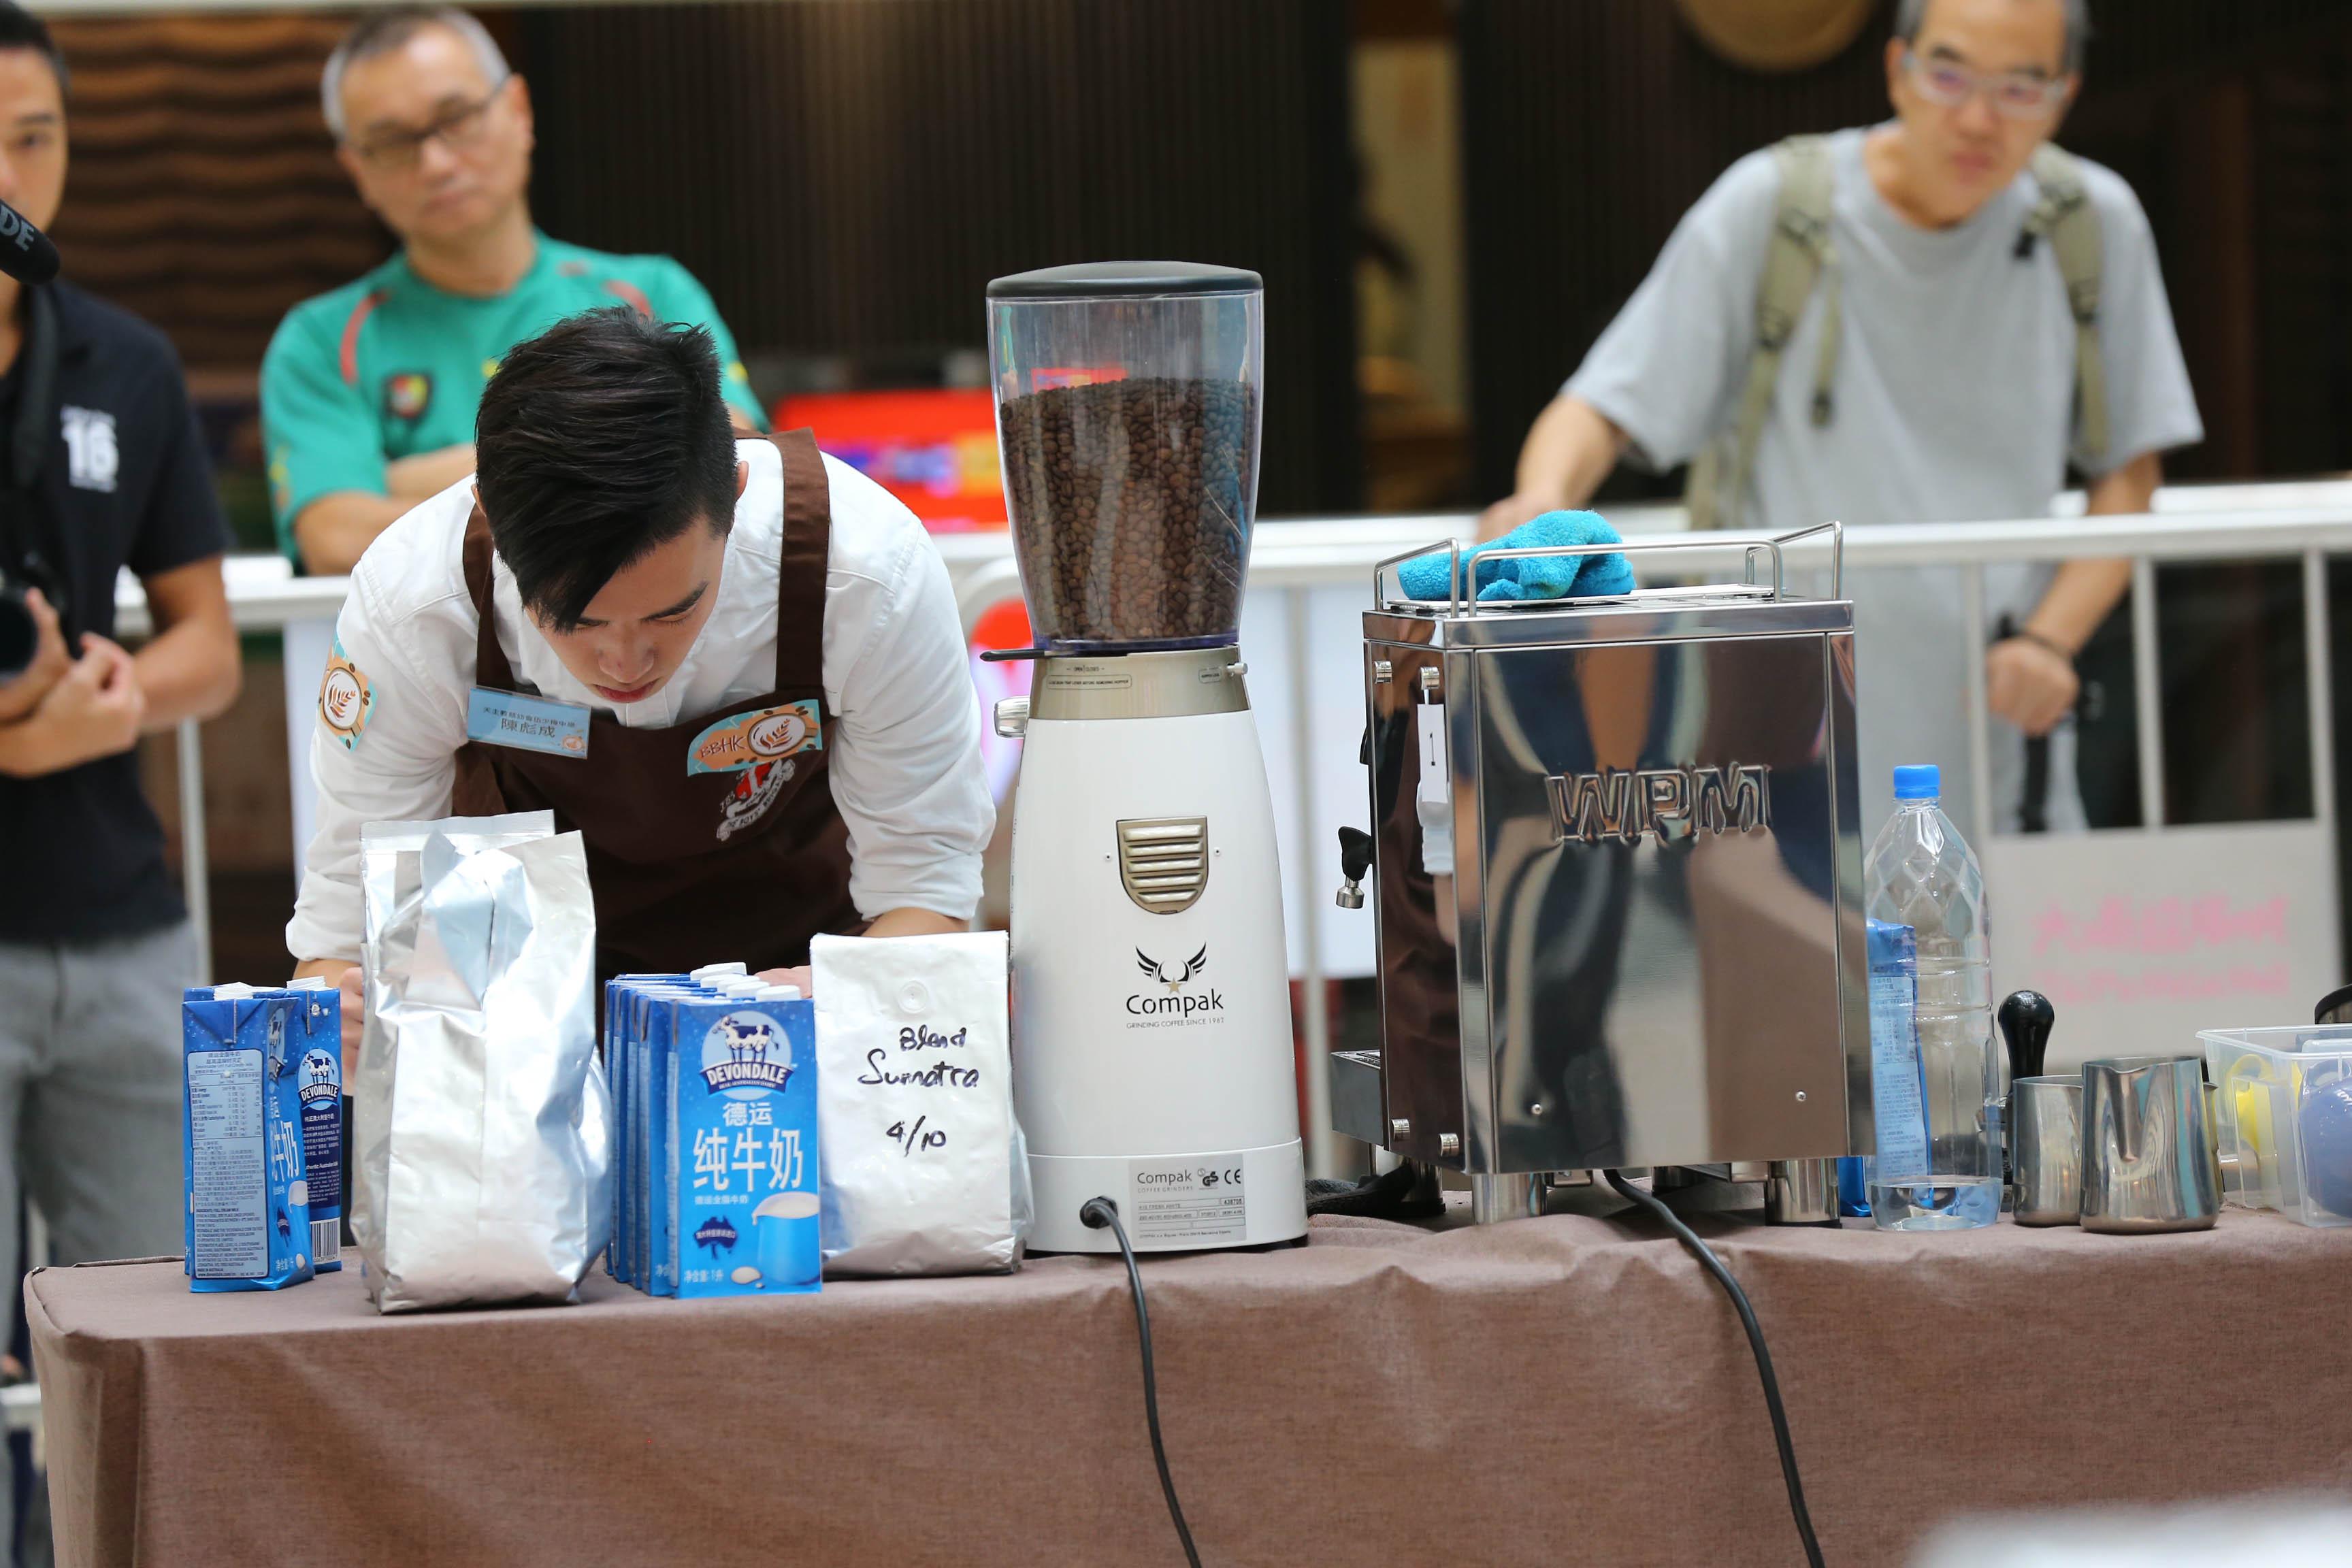 天主教慈幼會伍少梅中學的全港學界咖啡拉花比賽2016 相片1